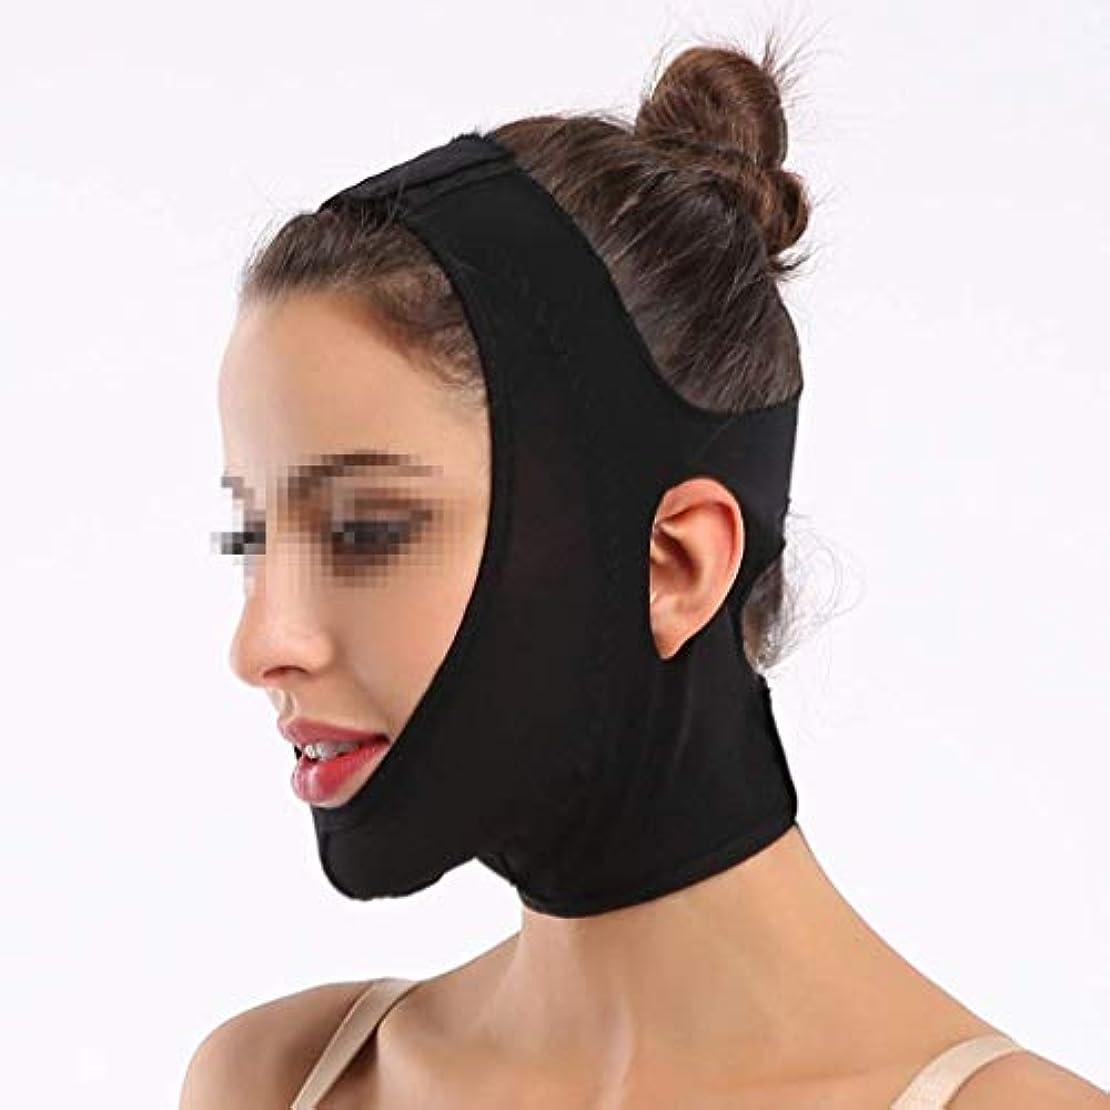 精神的にラグピアVフェイスマスク、バンデージマスクリフティングとタイトニングスキニービューティーサロン2時間1日Vフェイスマッサージ術後回復